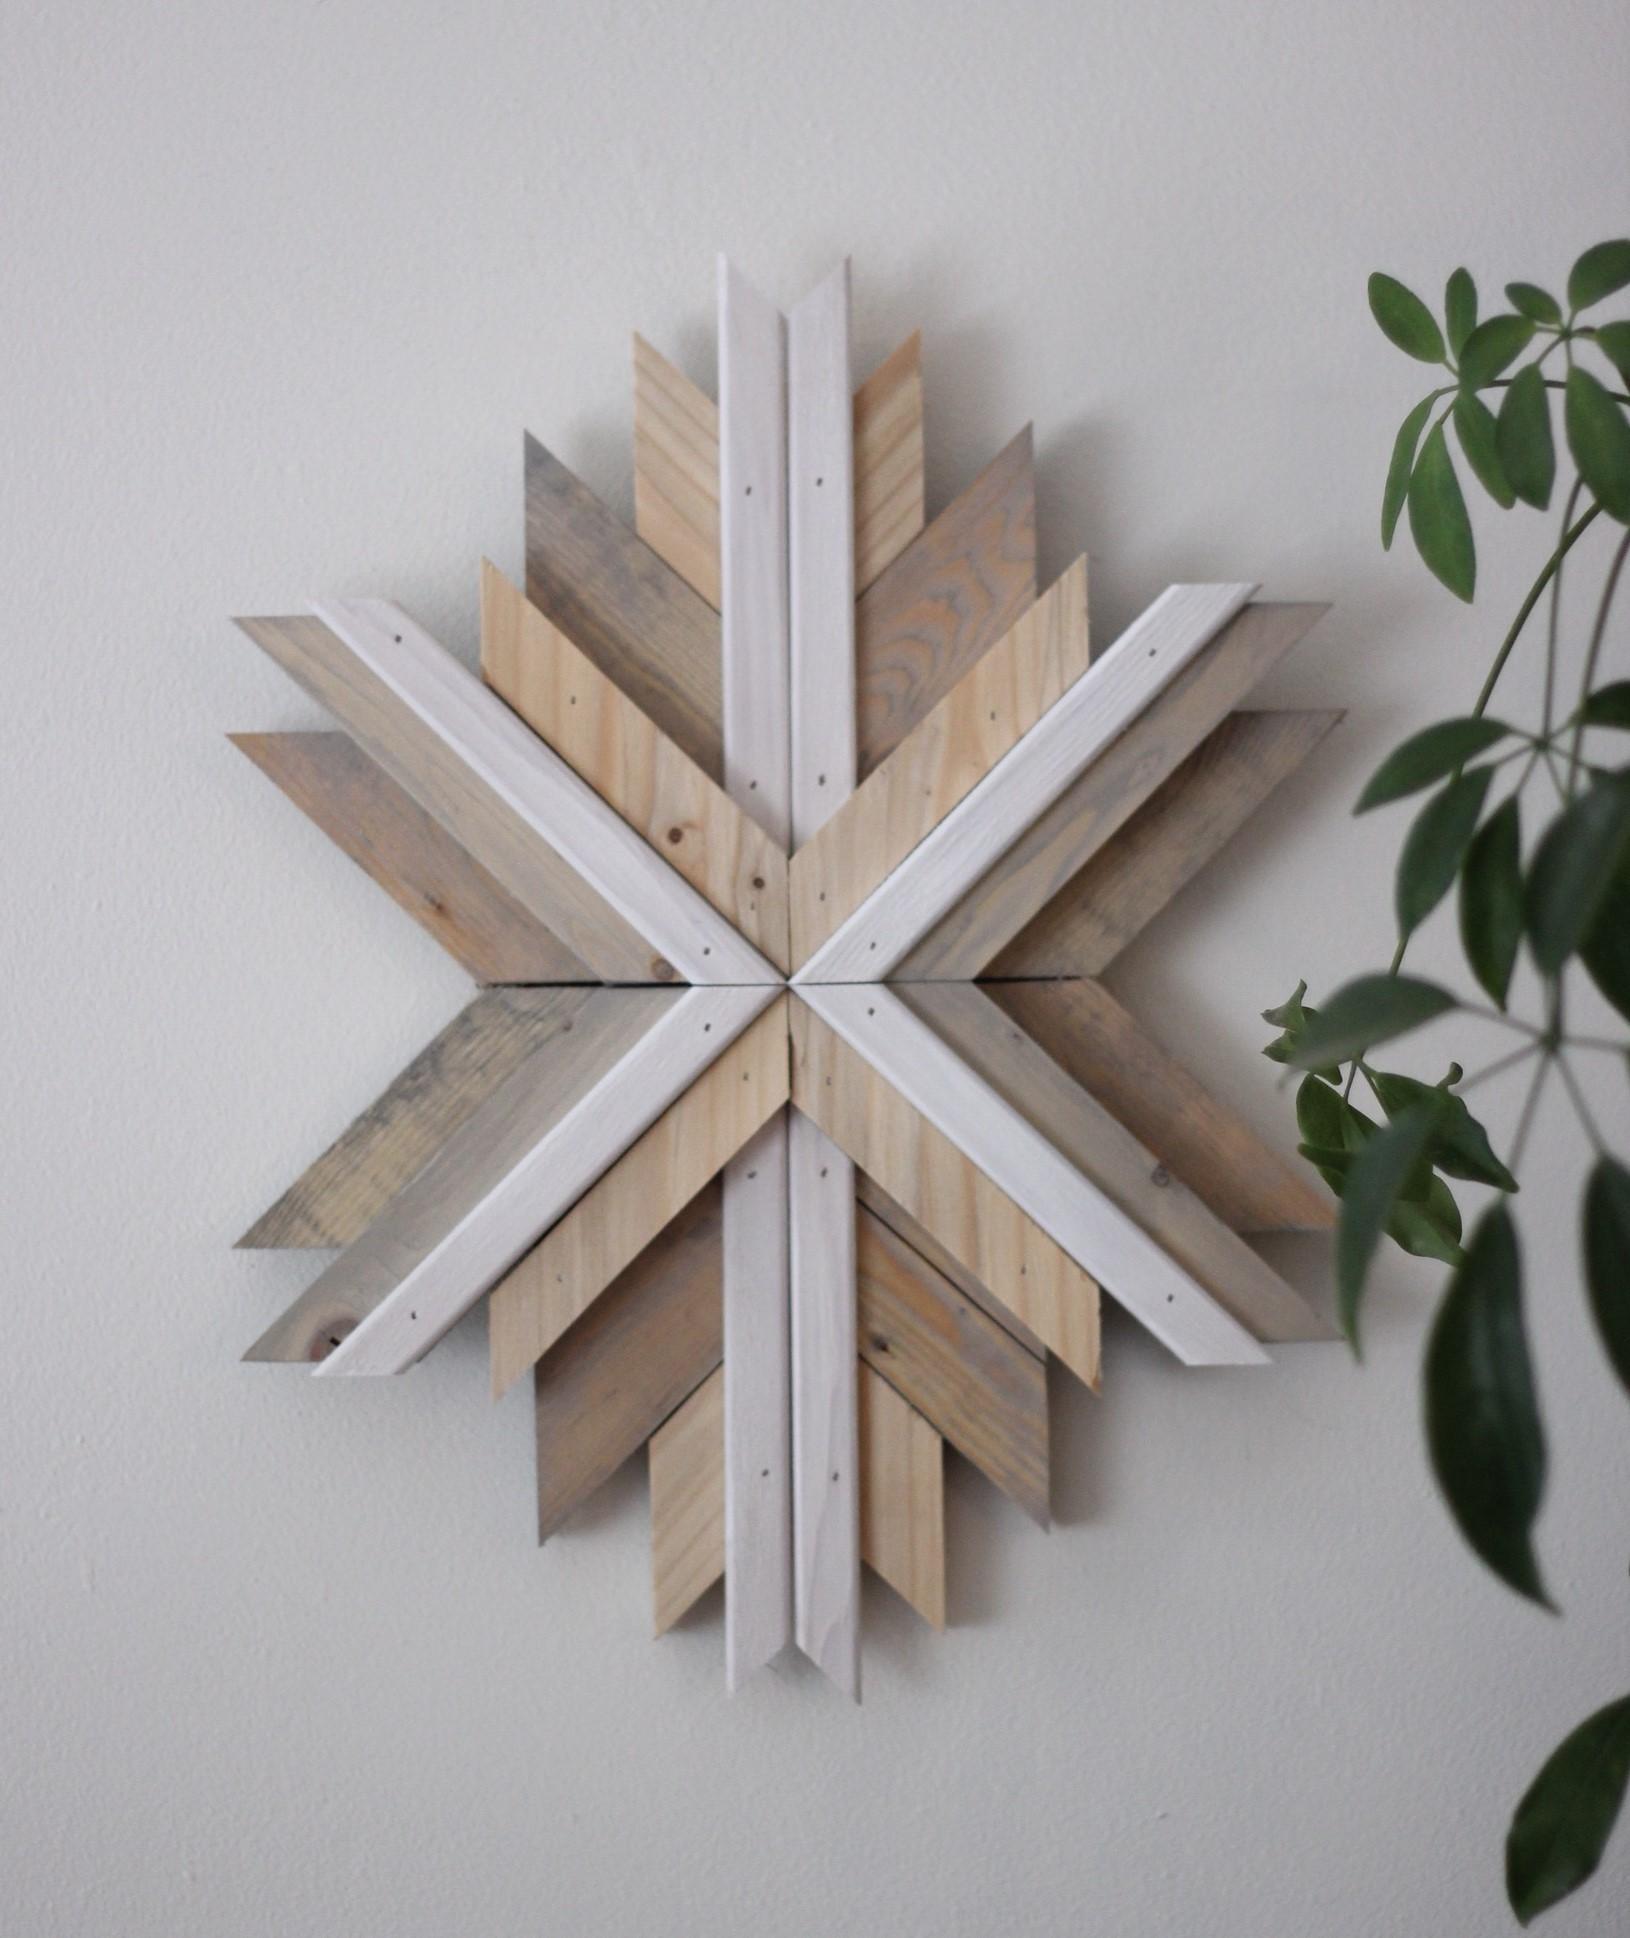 wooden starburst 14a.jpg